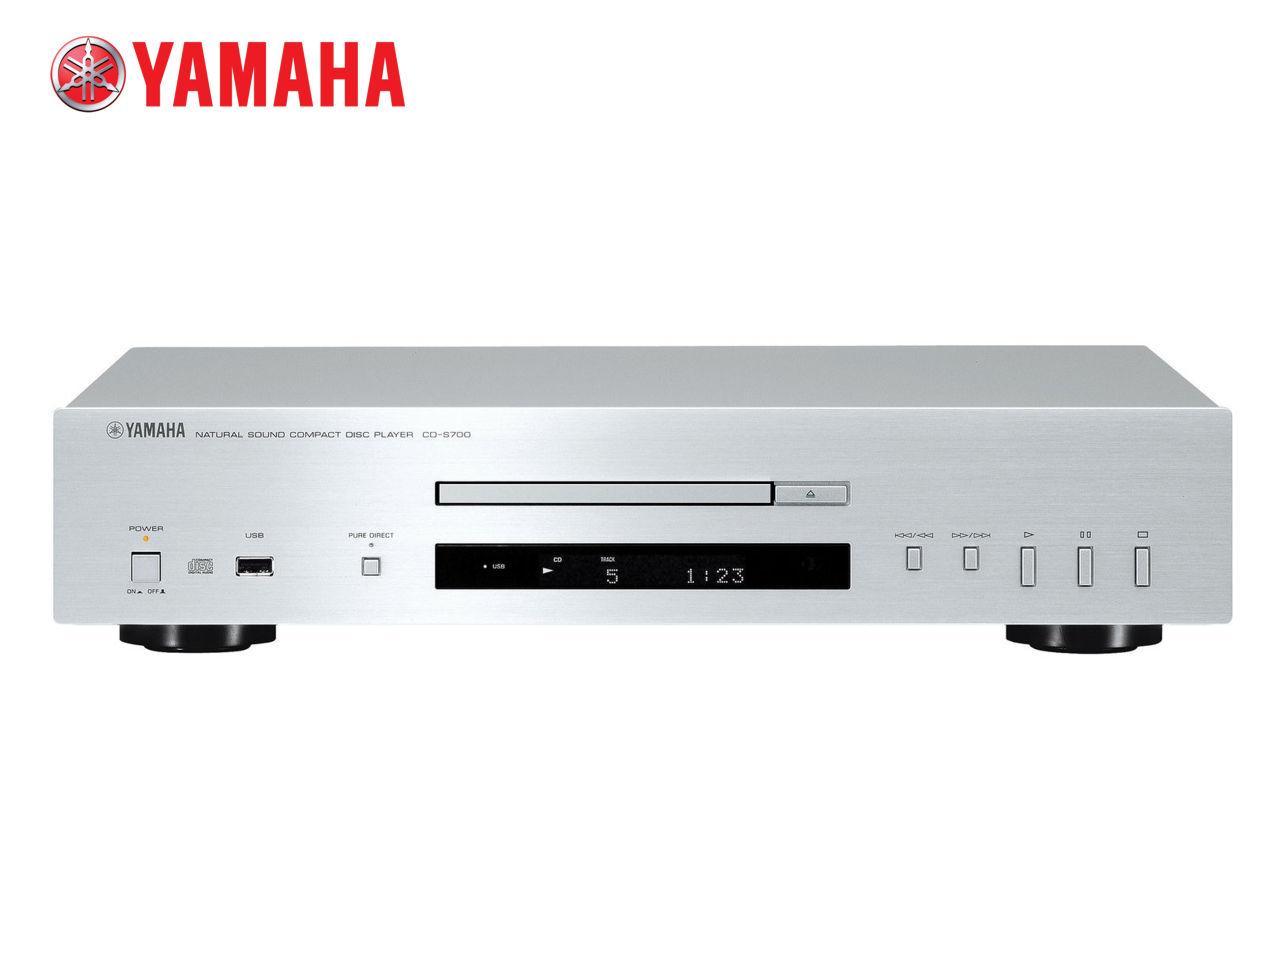 YAMAHA CD-S700 S